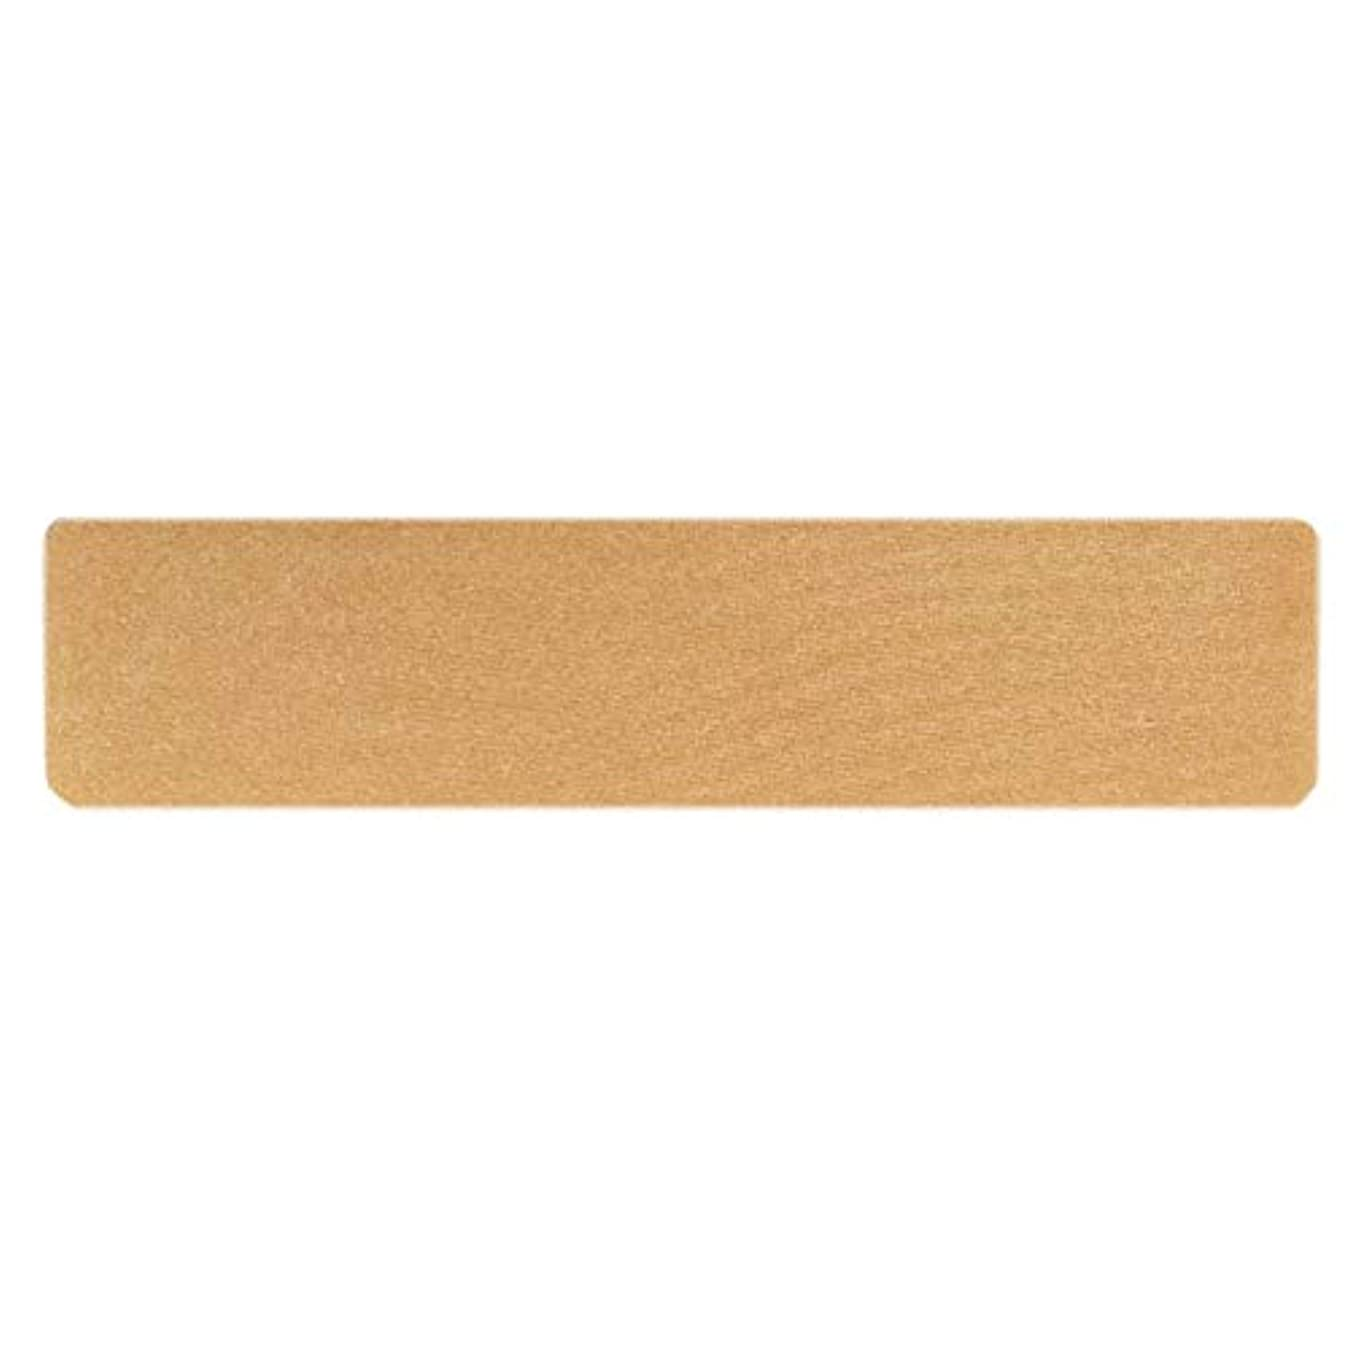 夕暮れ建てる小間弾力性シリコーン瘢痕ゲルアウェイストリップ貼り付け医療外傷熱傷皮膚修復瘢痕治療パッチRemovel瘢痕 - 皮膚